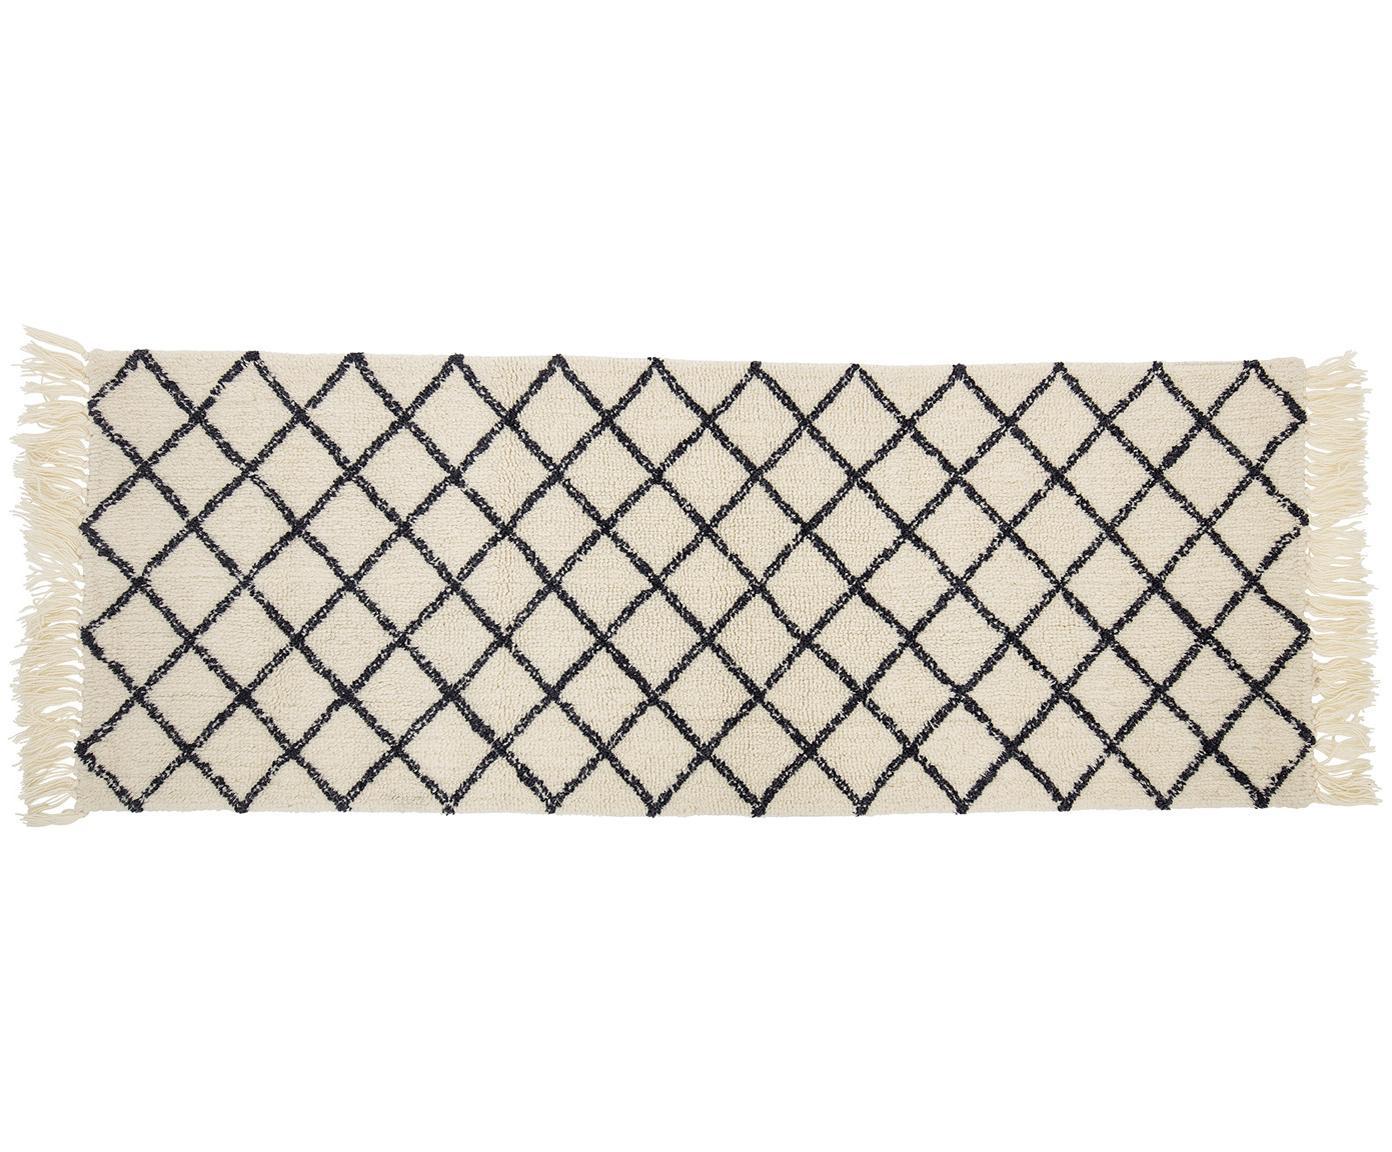 Chodnik z wełny Alva, Kremowy, antracytowy, S 70 x D 200 cm